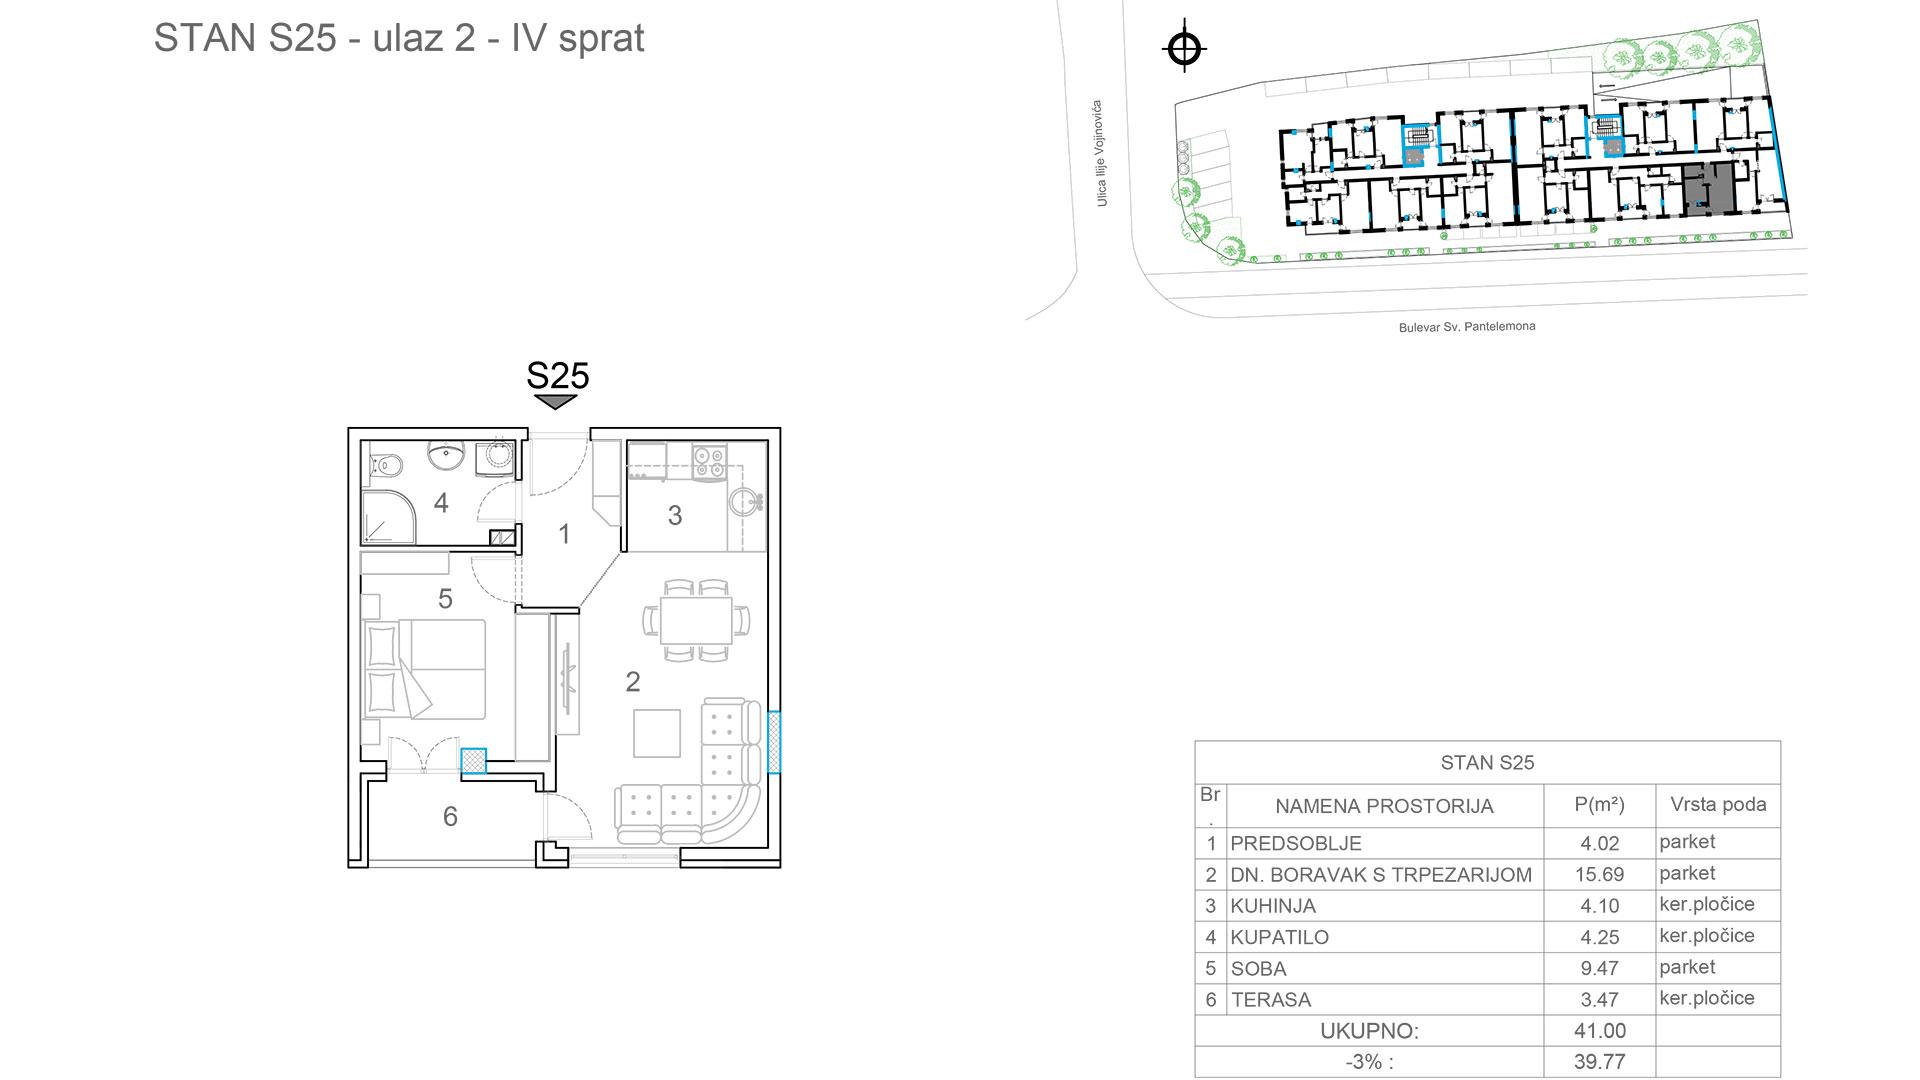 Prodaja stanova Niš - Objekat u Somborskoj bb Ulaz 2 - Stan S25